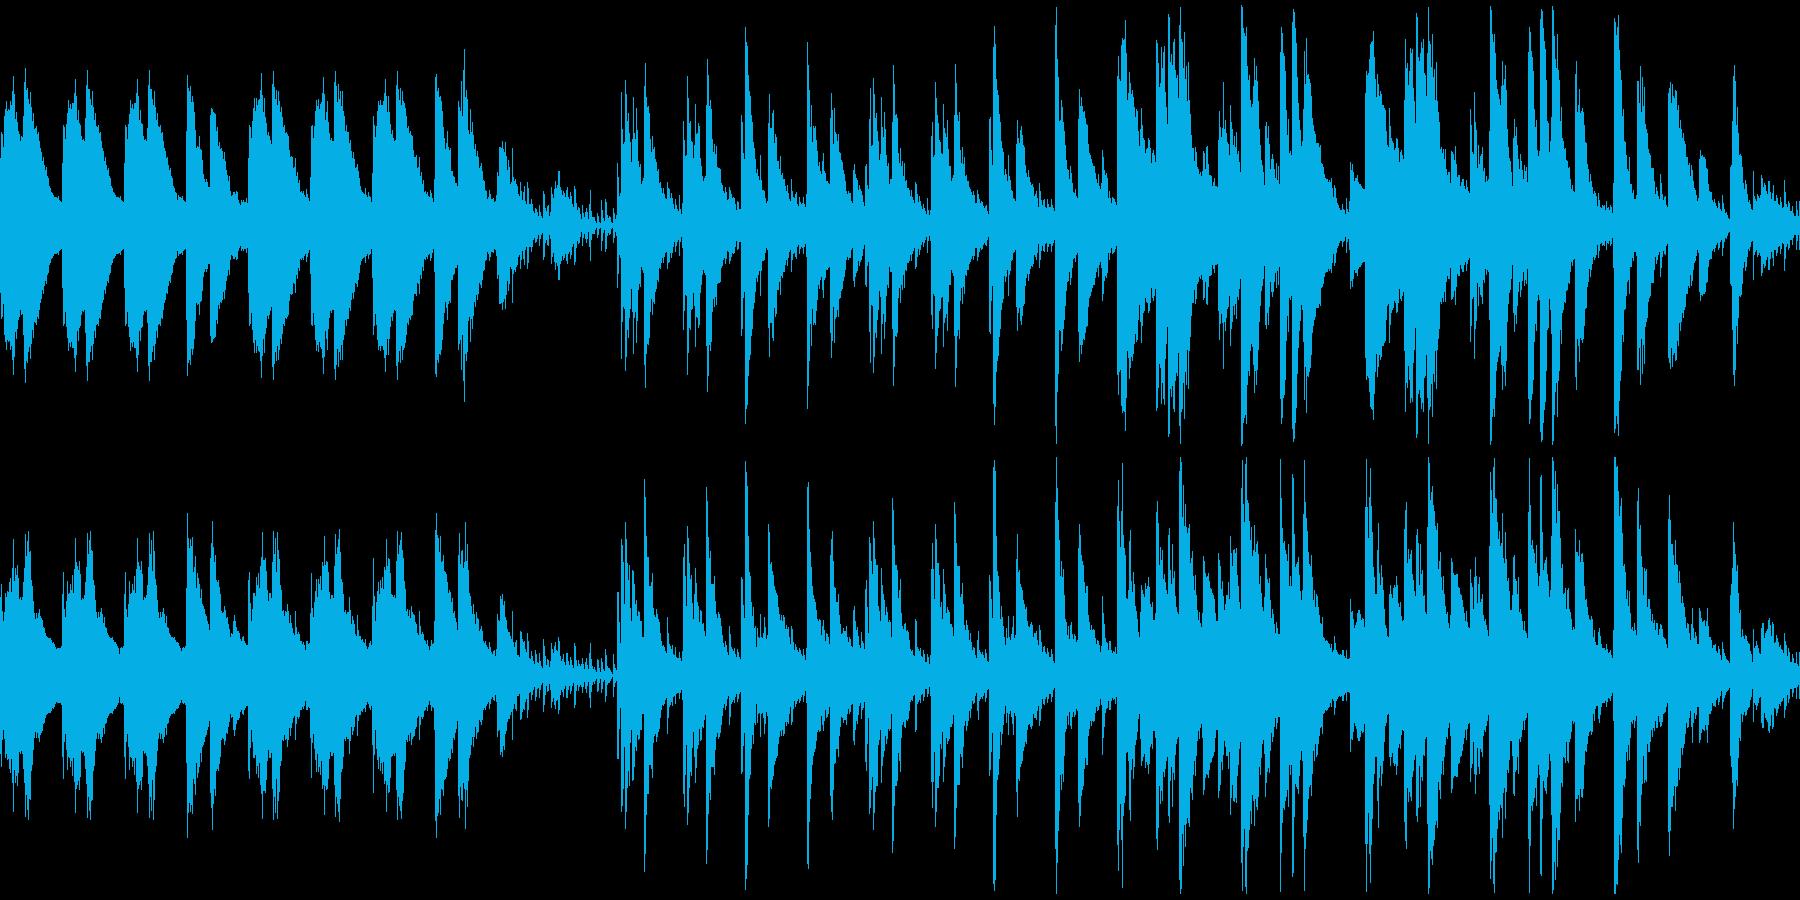 印象画のようなムードのピアノ曲の再生済みの波形